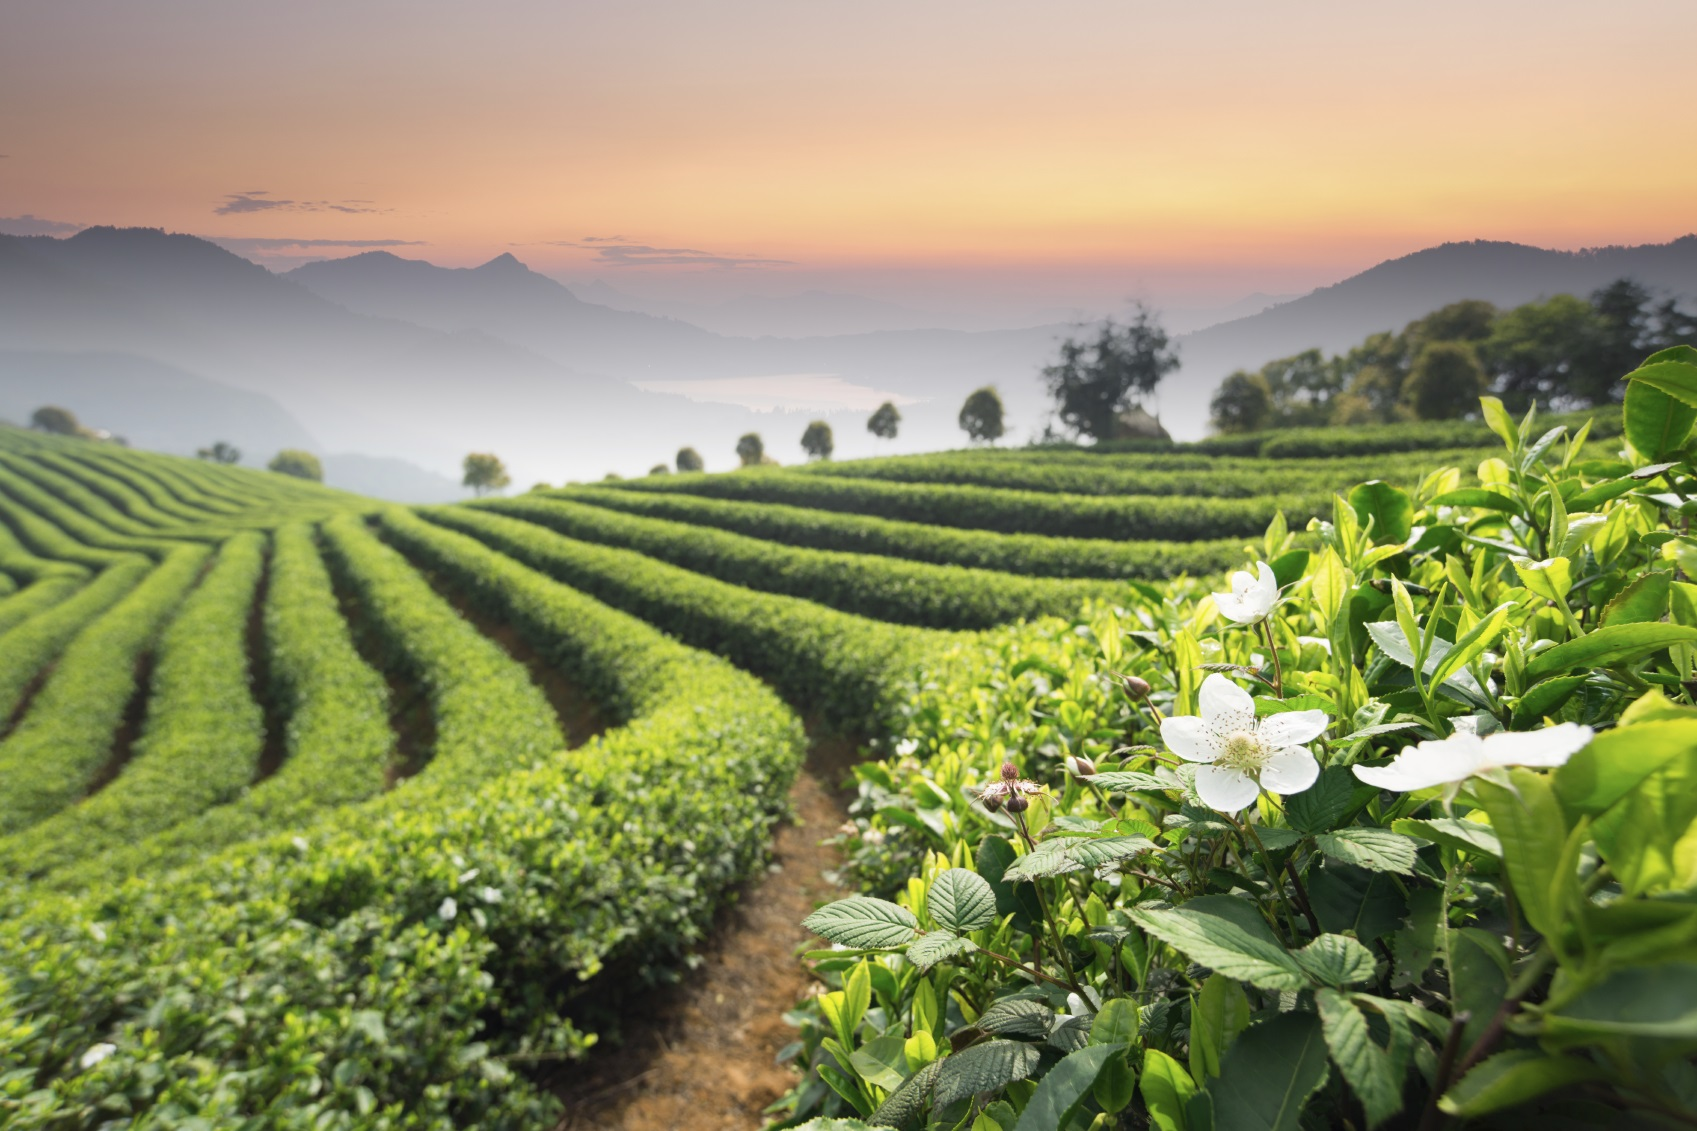 مزارع زیبایی چای